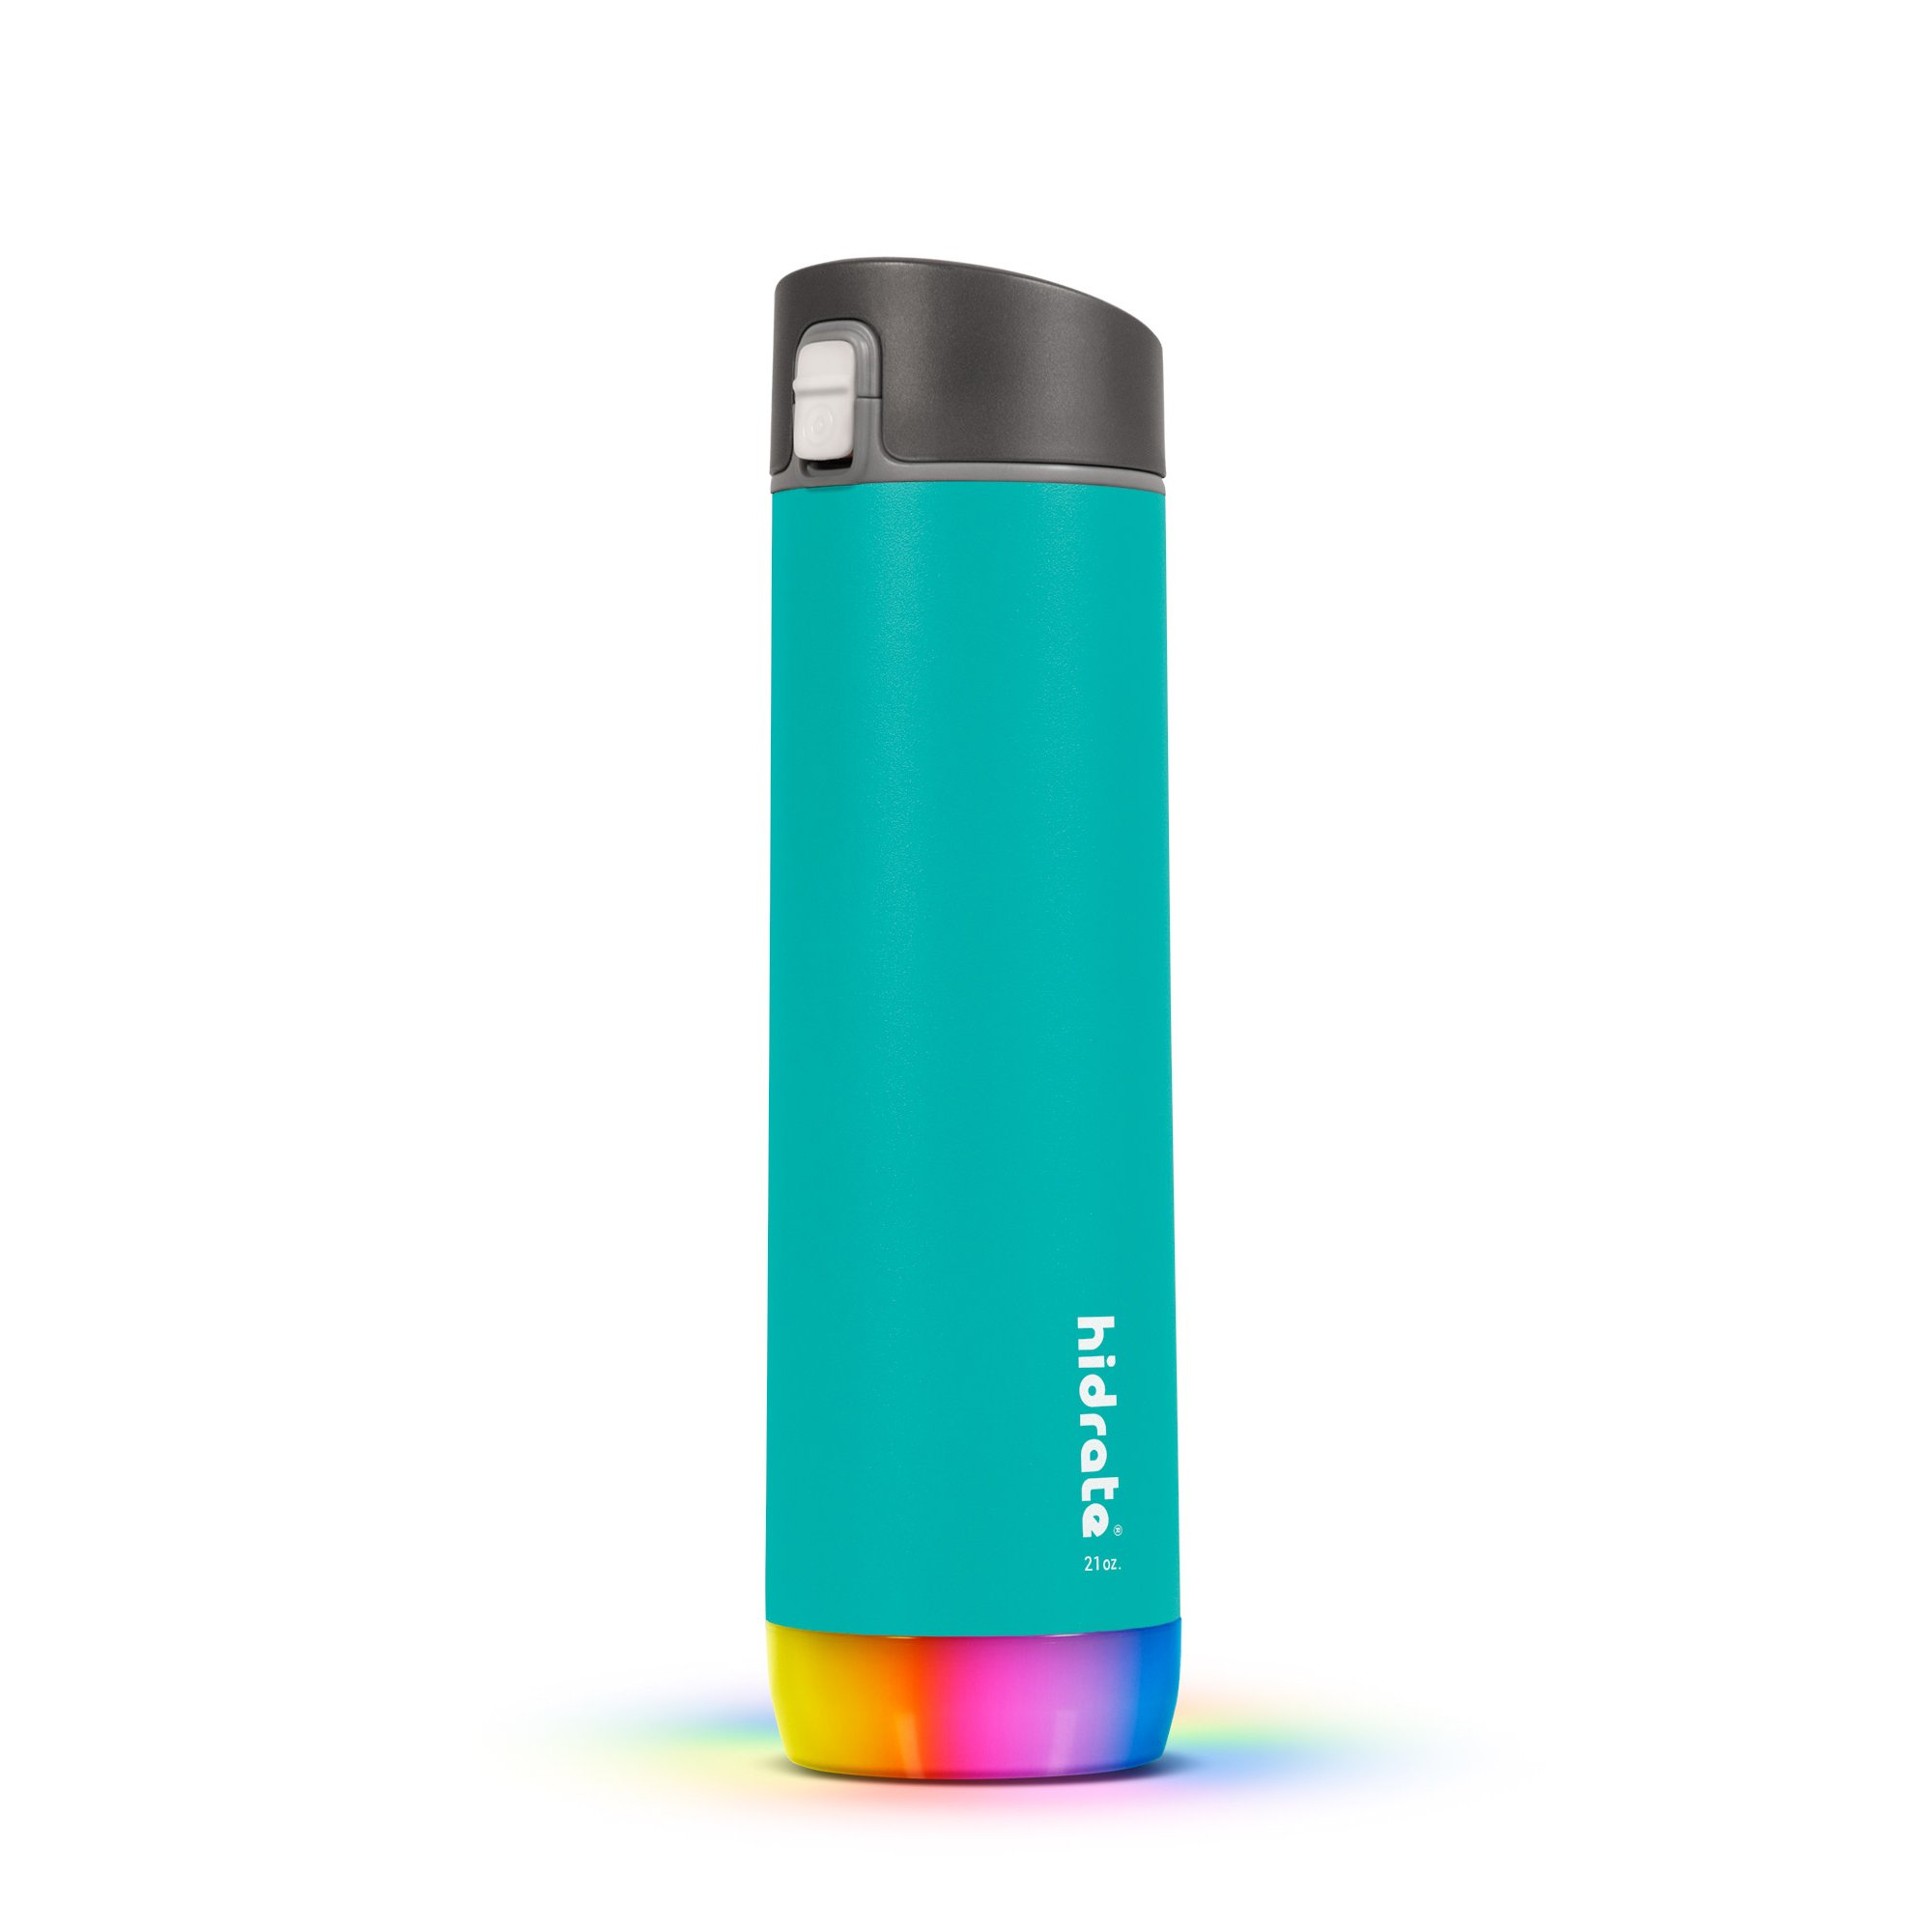 HidrateSpark Steel 21 oz. - Smarte Wasserflasche aus gebürstetem Edelstahl